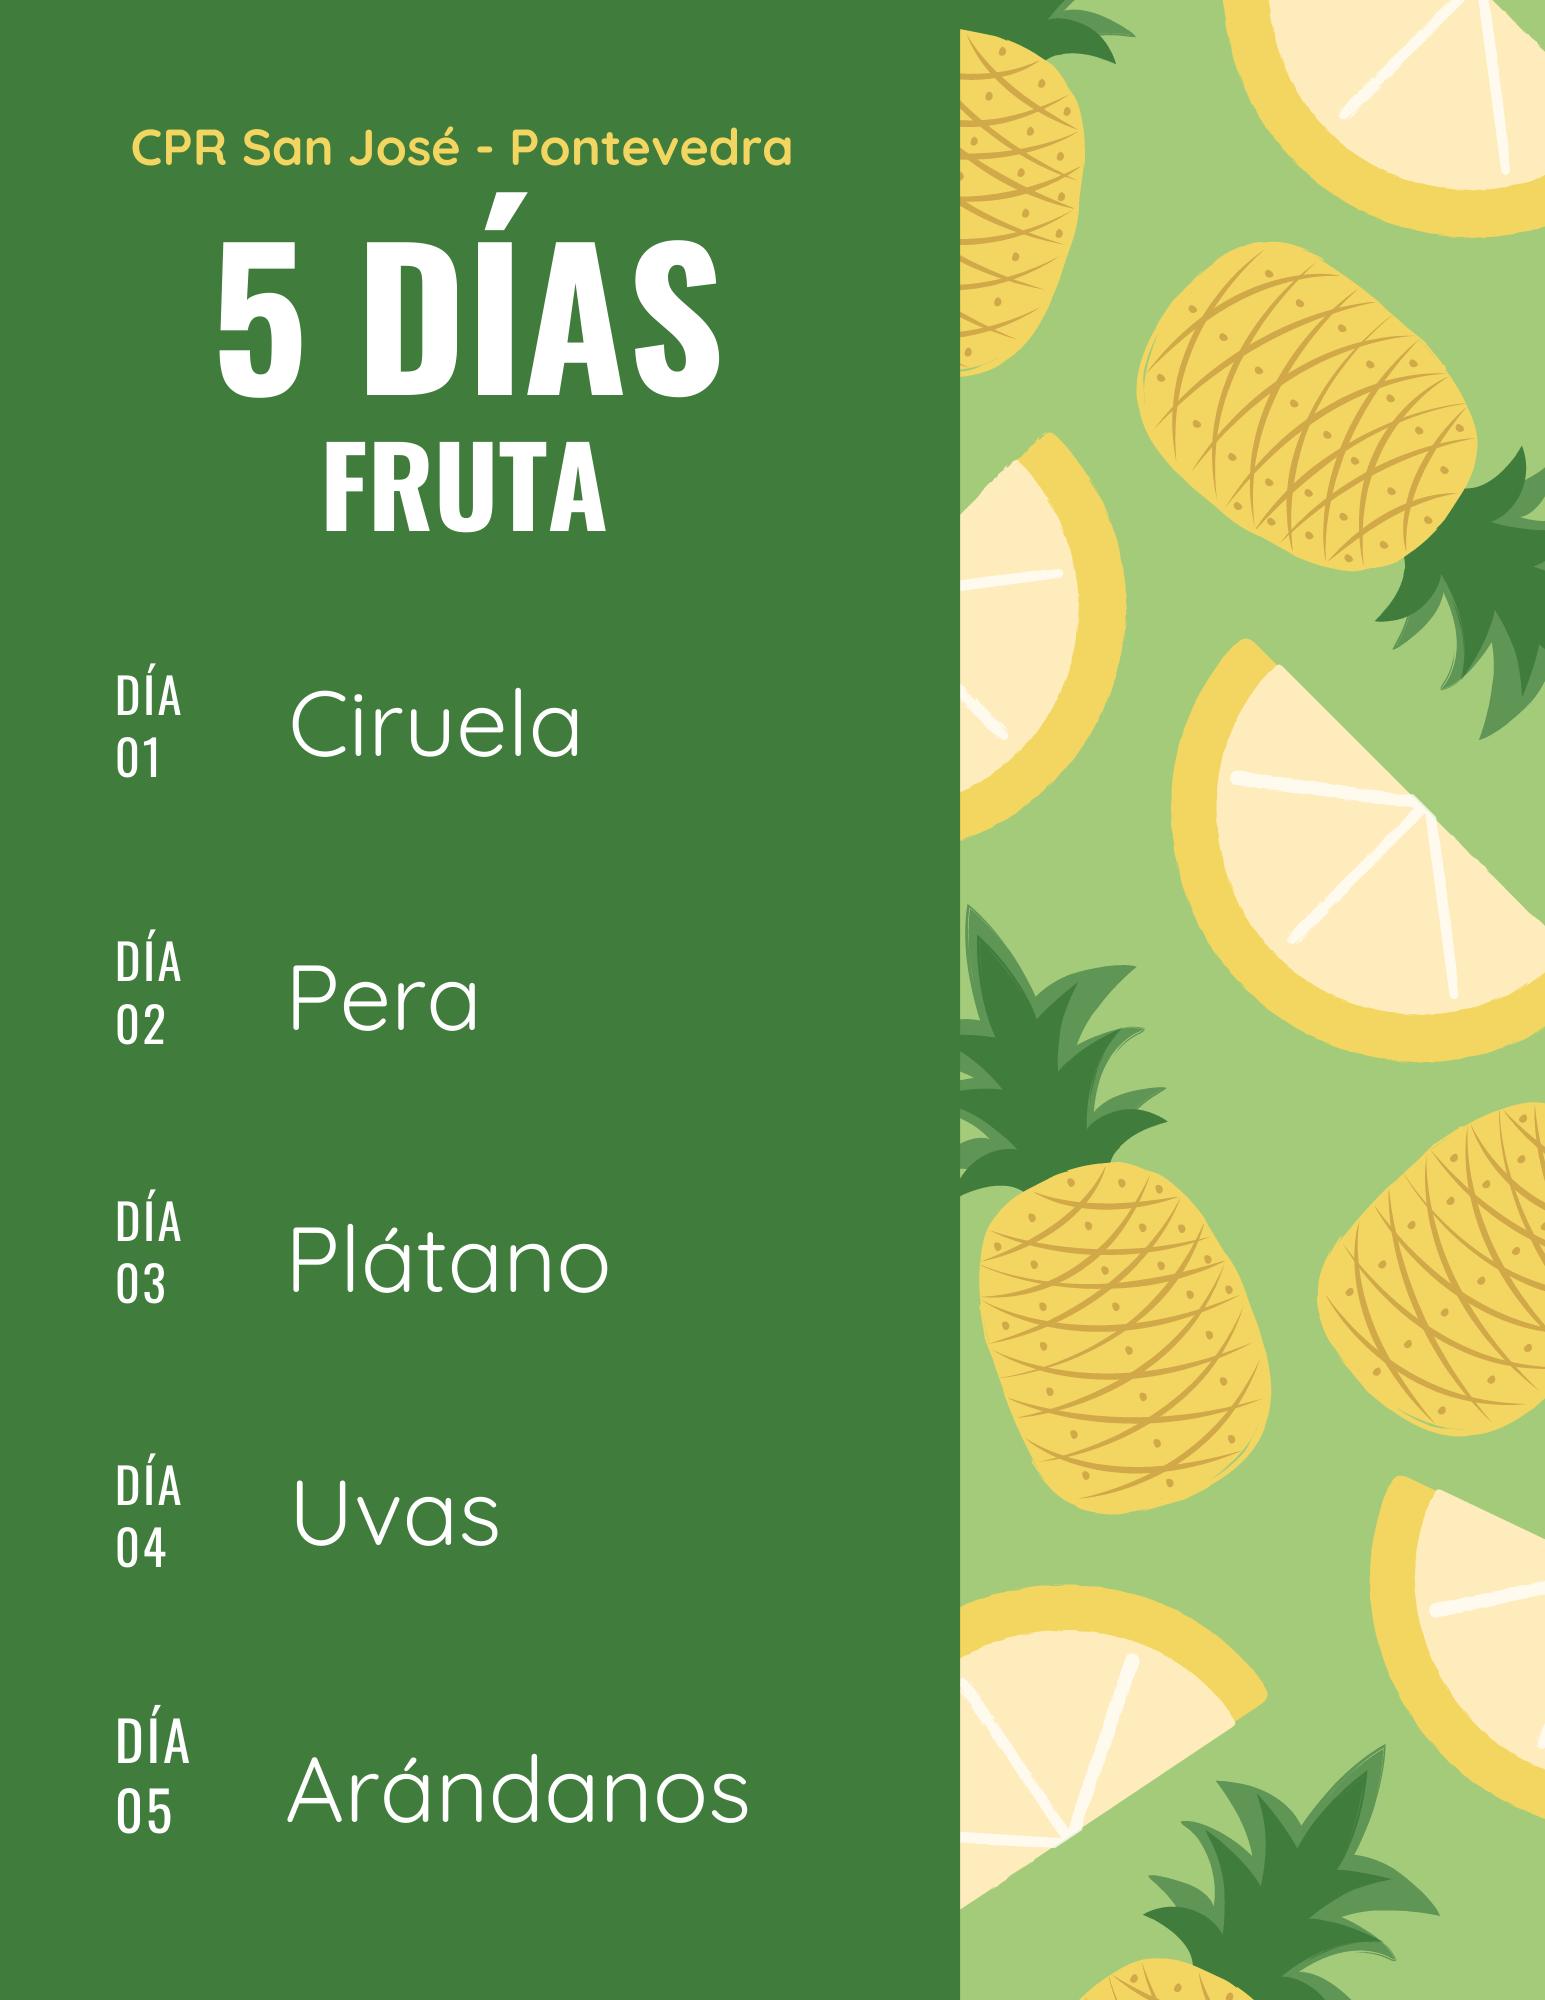 Tercera semana de la fruta